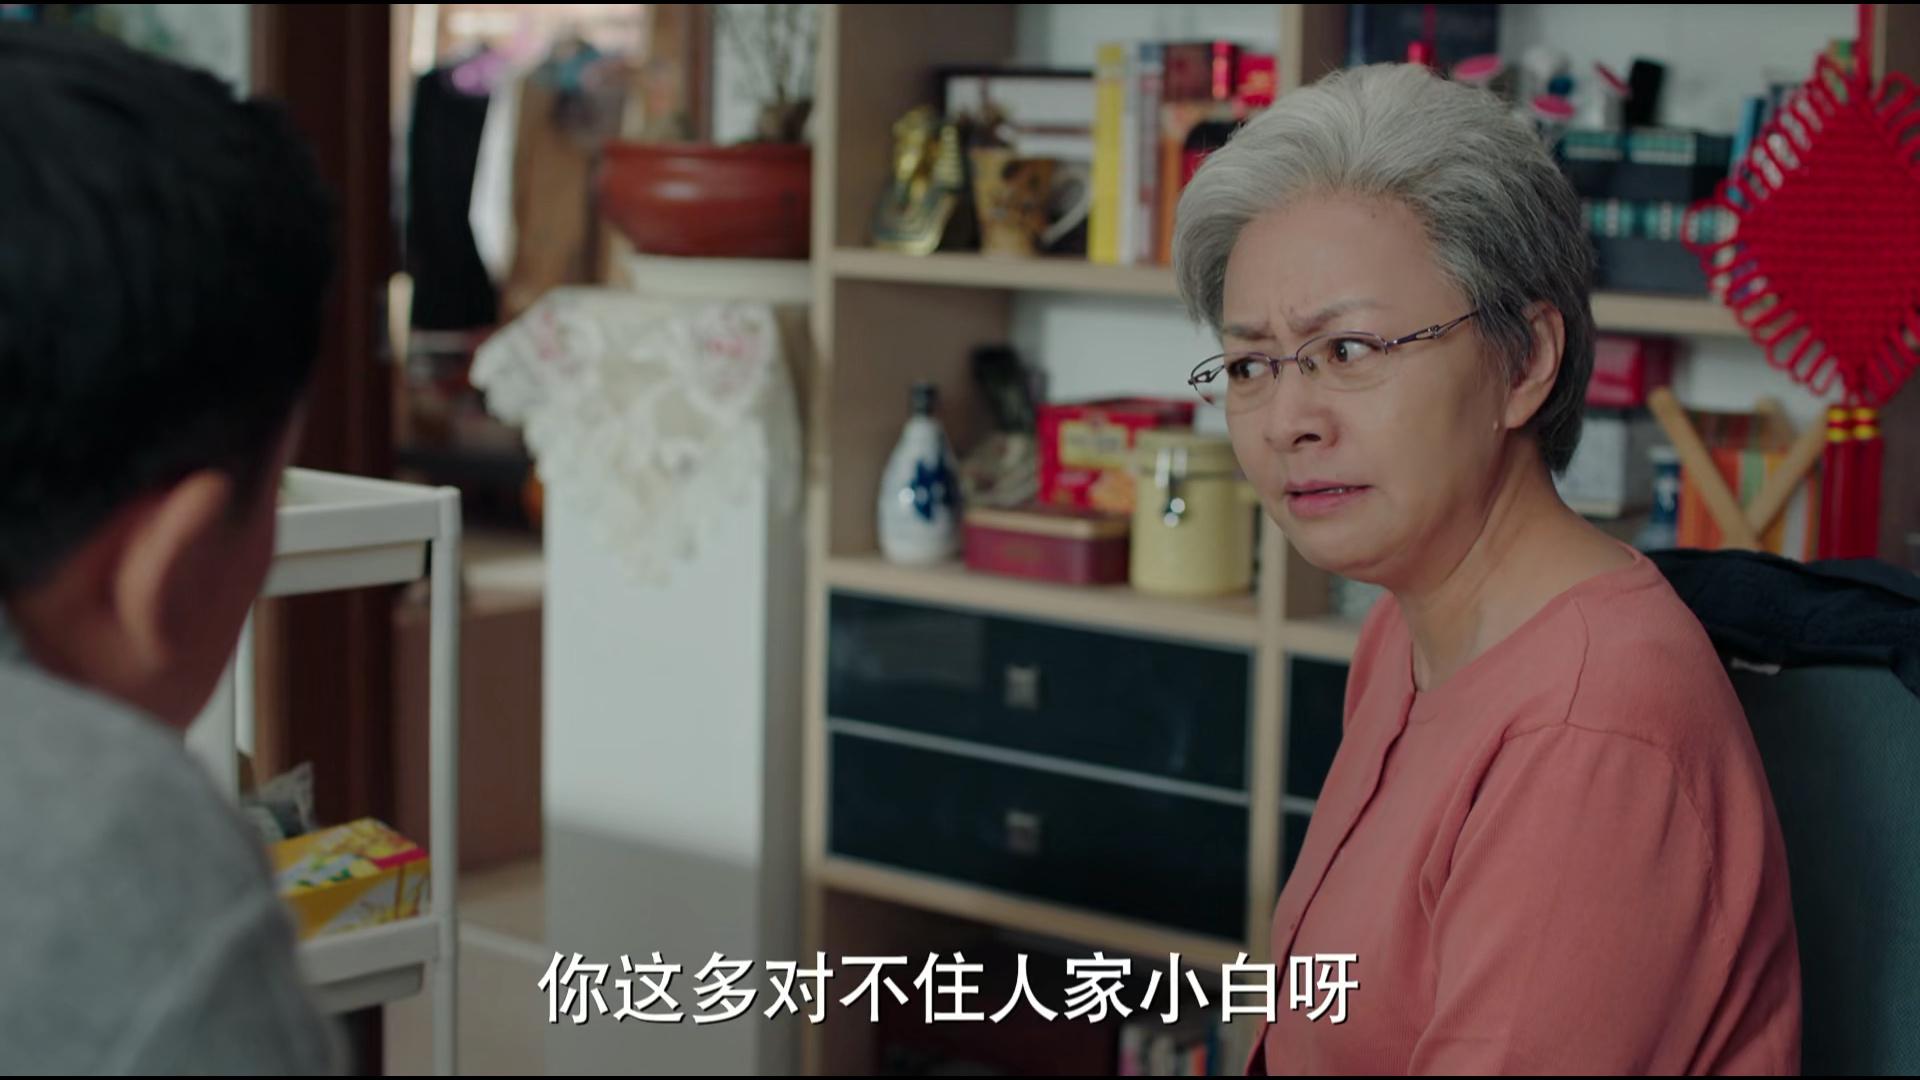 美好生活全集 2018.HD720P 迅雷下载